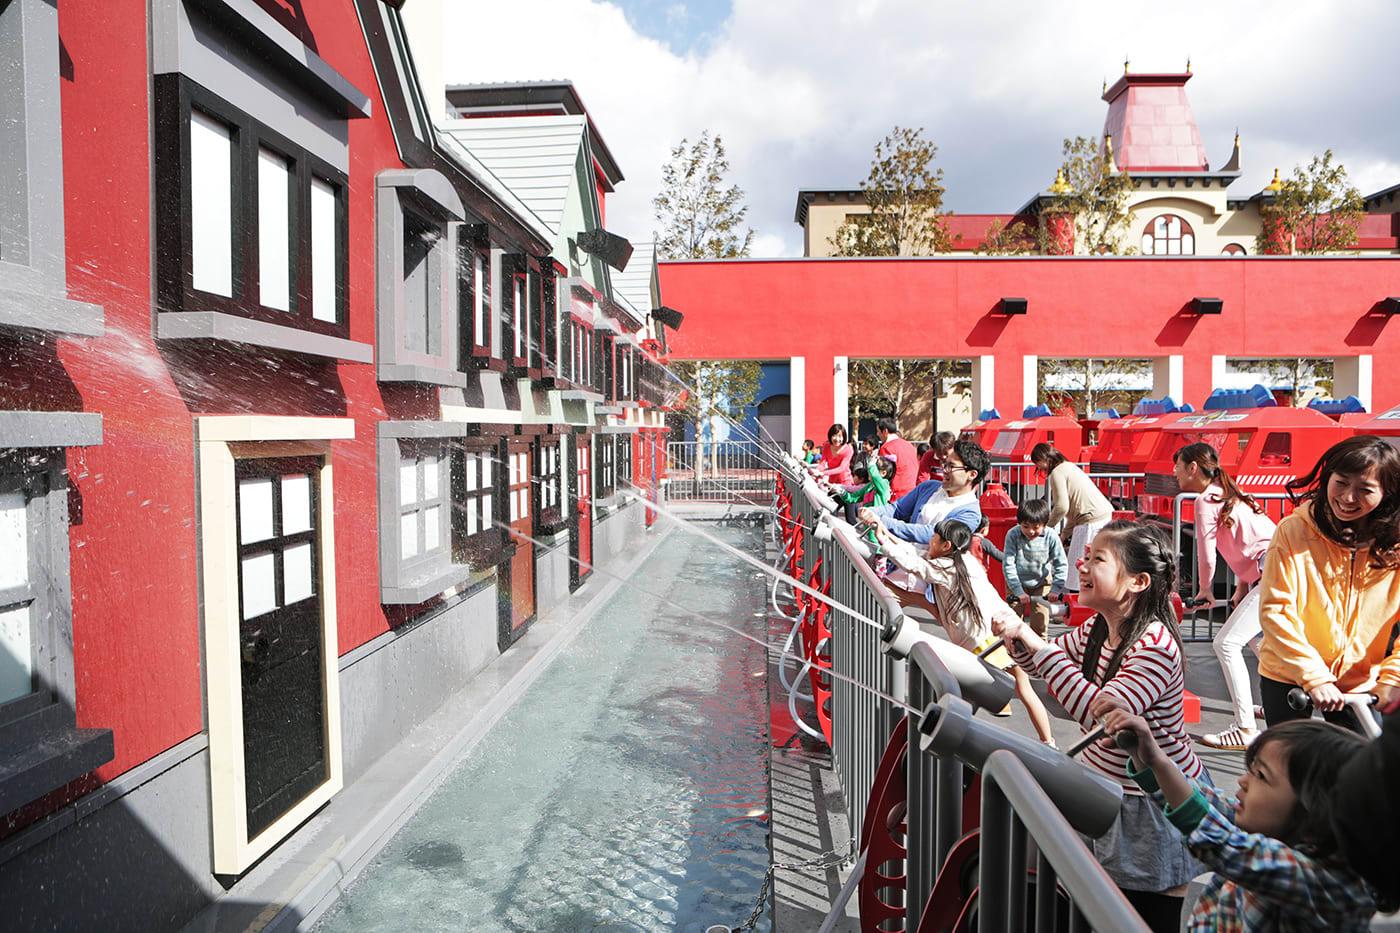 名古屋樂高樂園,取自:名古屋樂高樂園官方網站